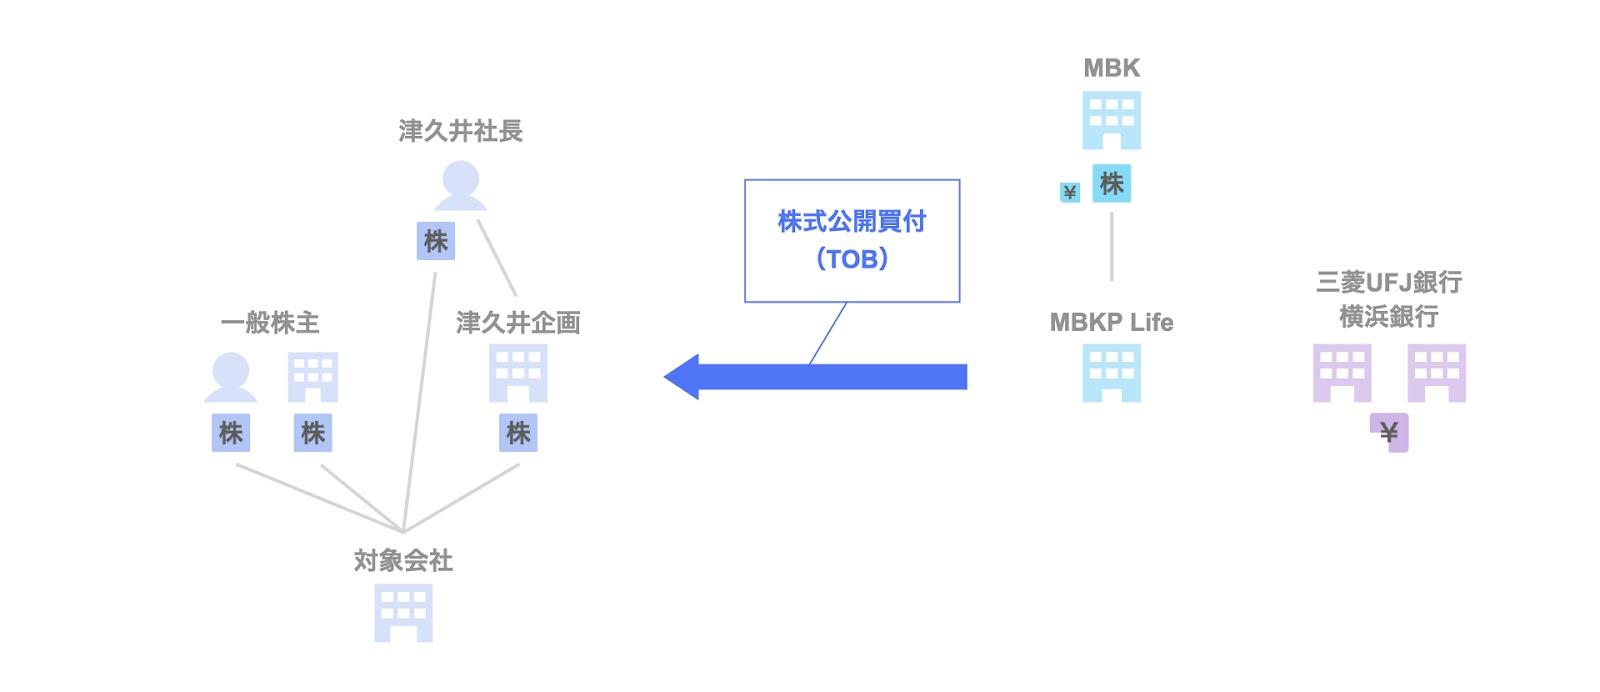 投資事例:MBKパートナーズによるツクイホールディングスへの投資